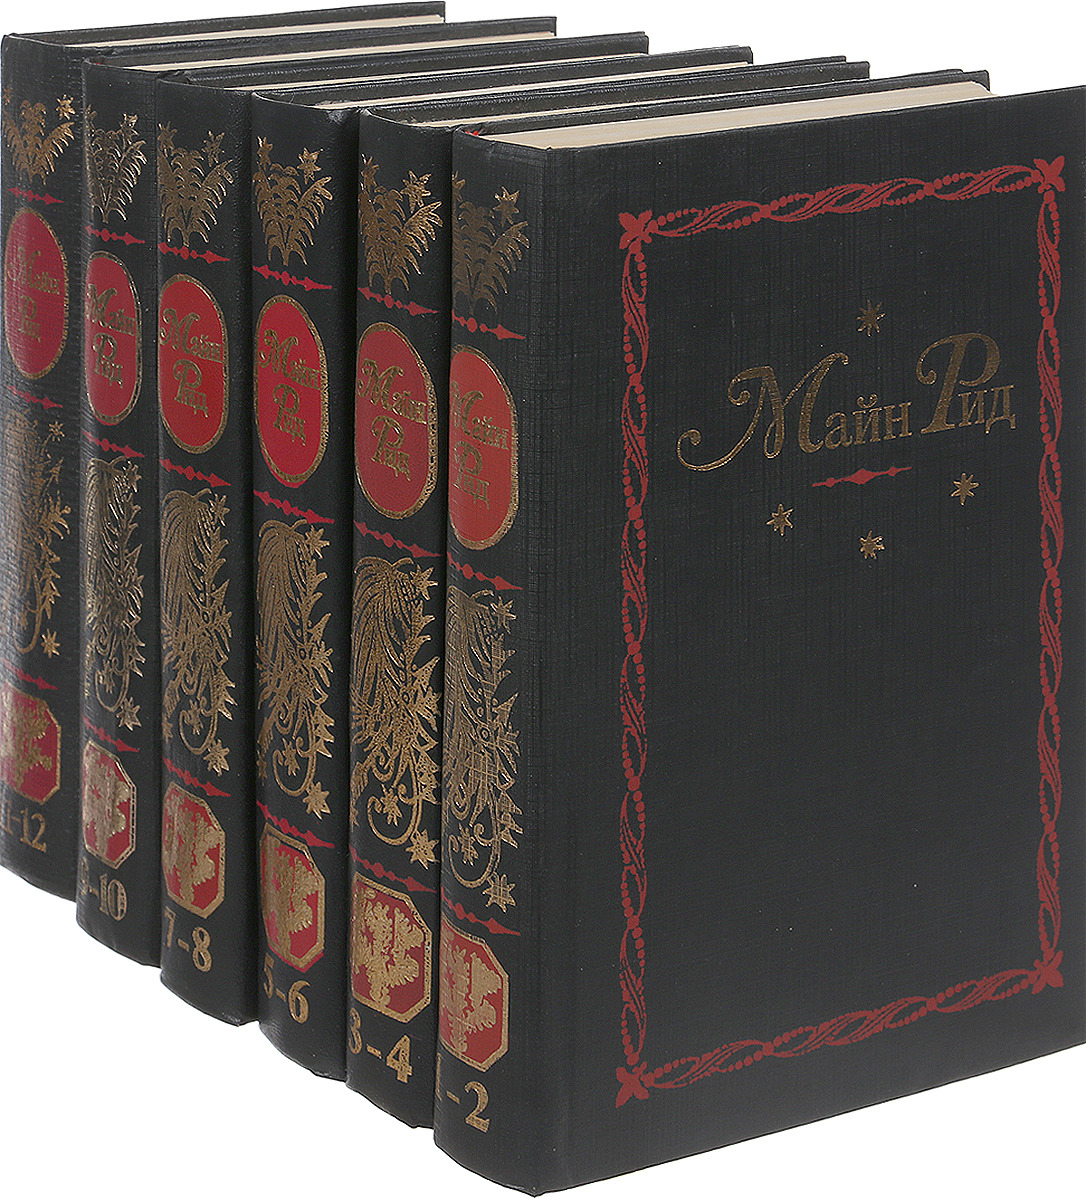 Майн Рид Майн Рид. Собрание сочинений в 12 томах (комплект из 6 книг) майн рид майн рид собрание сочинений в 12 томах комплект из 6 книг